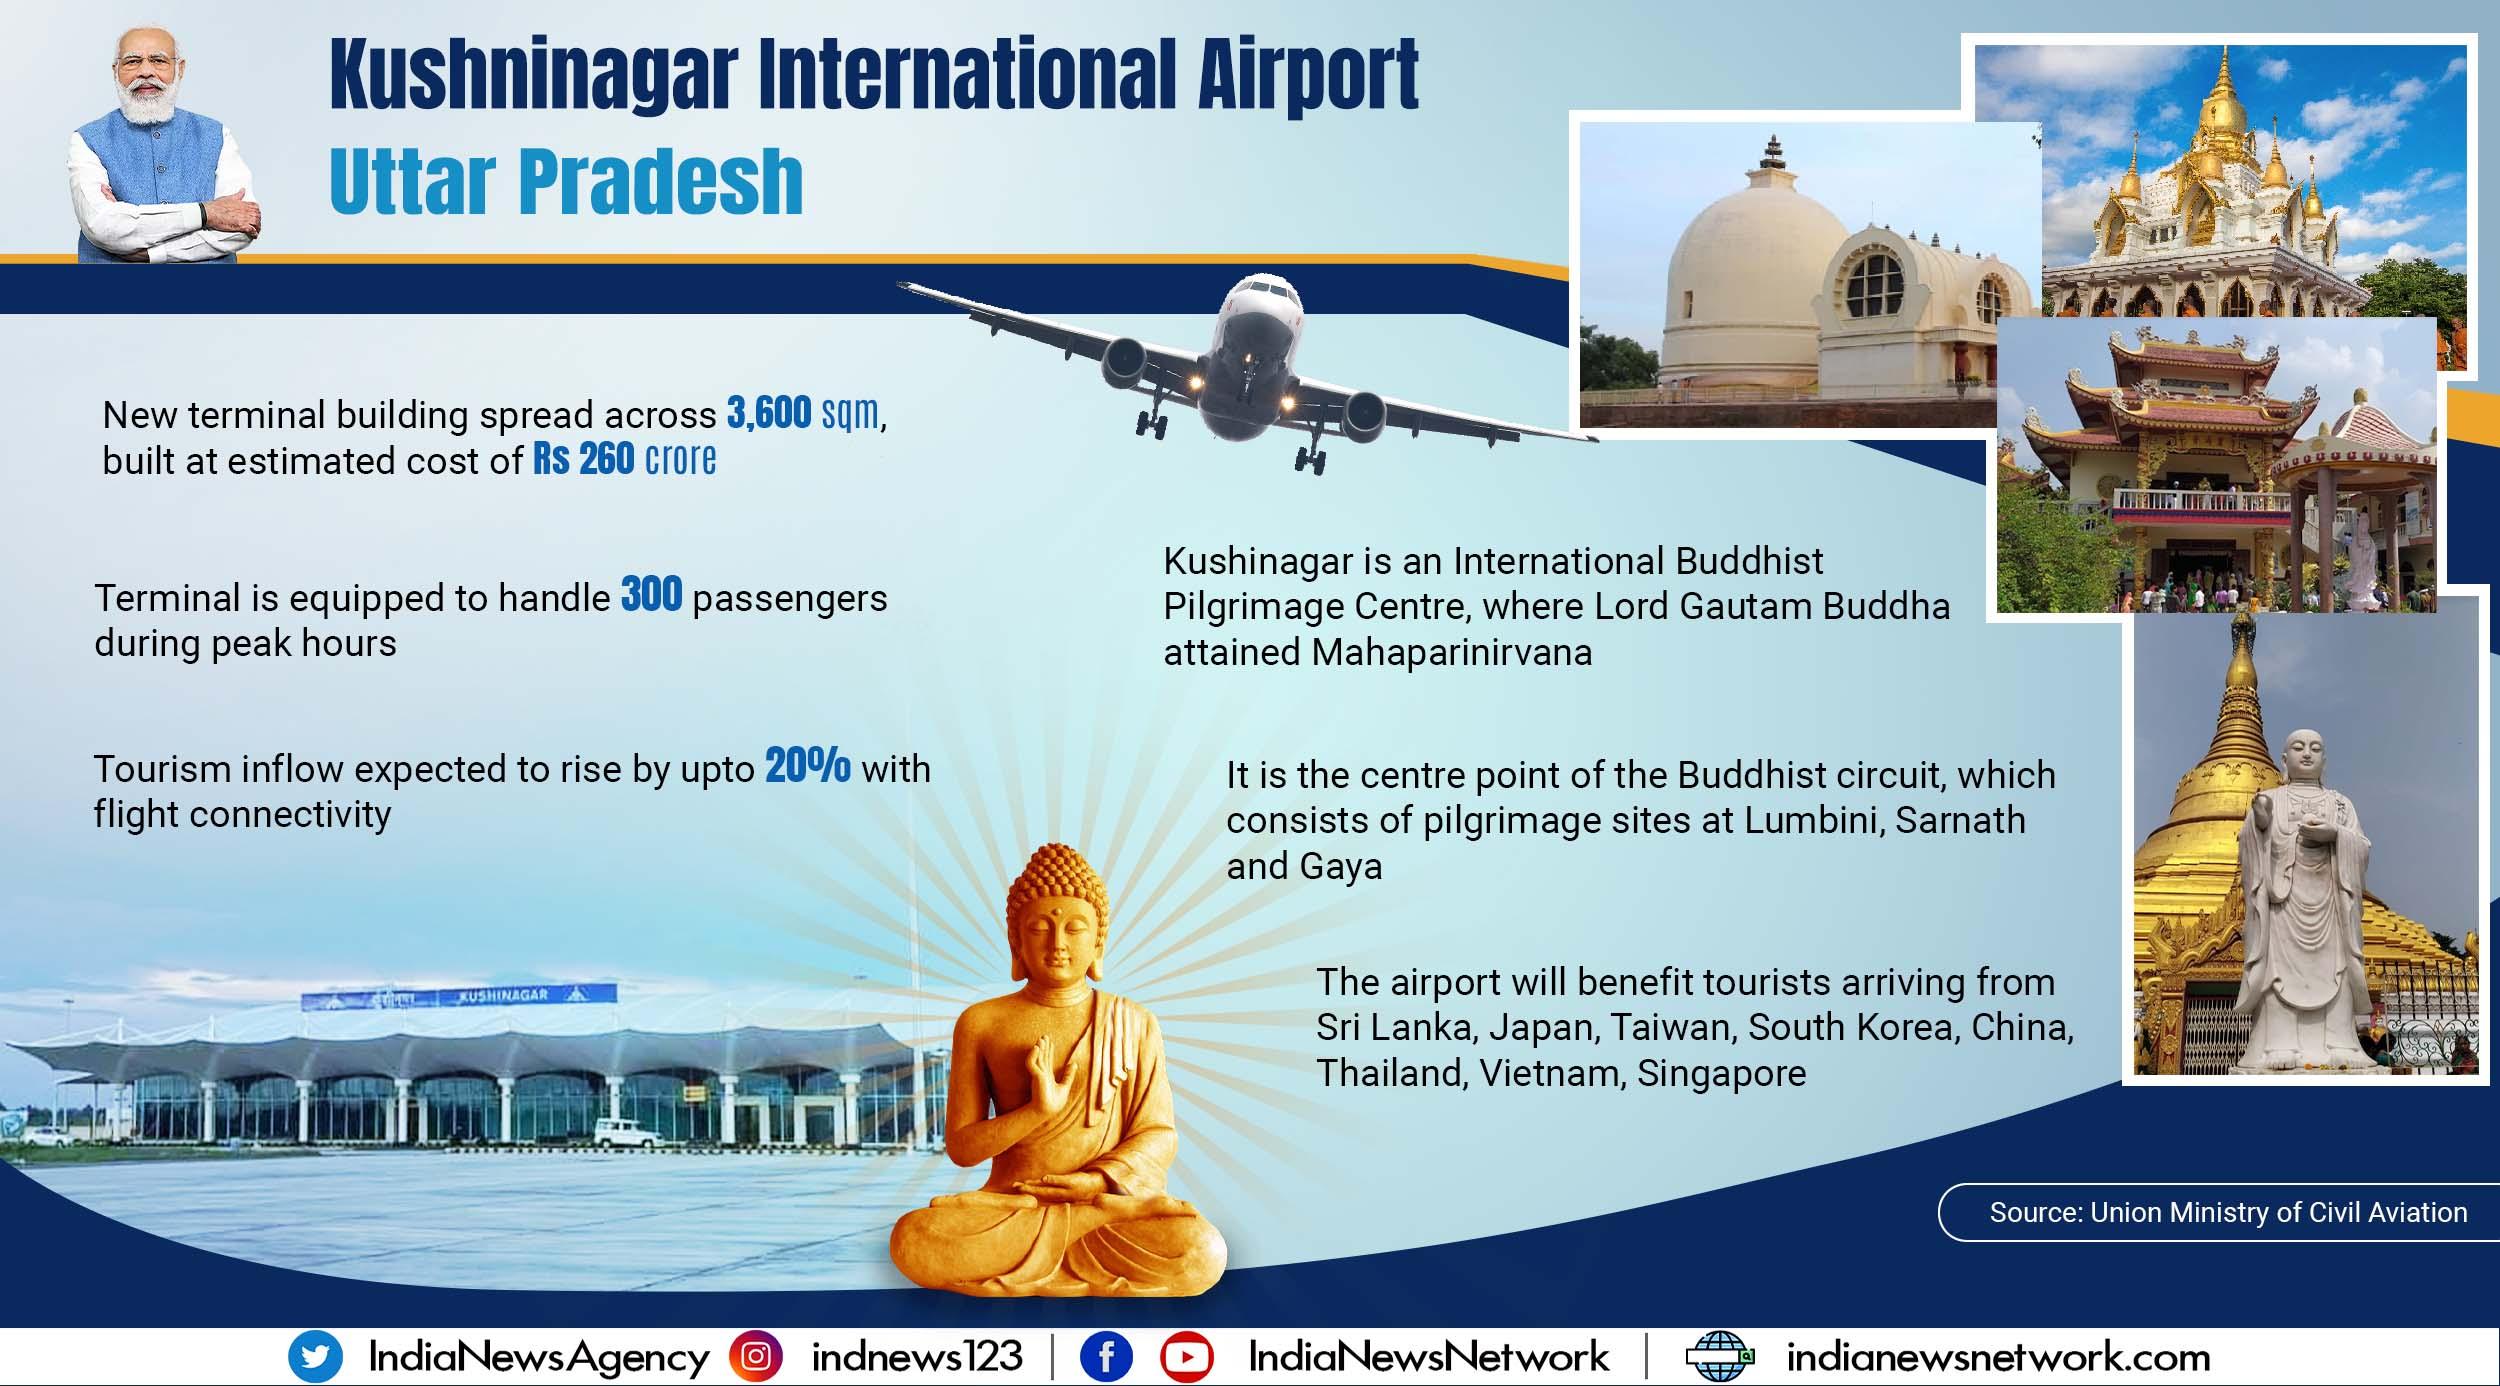 Kushninagar International Airport to boost tourism in Buddhist circuit